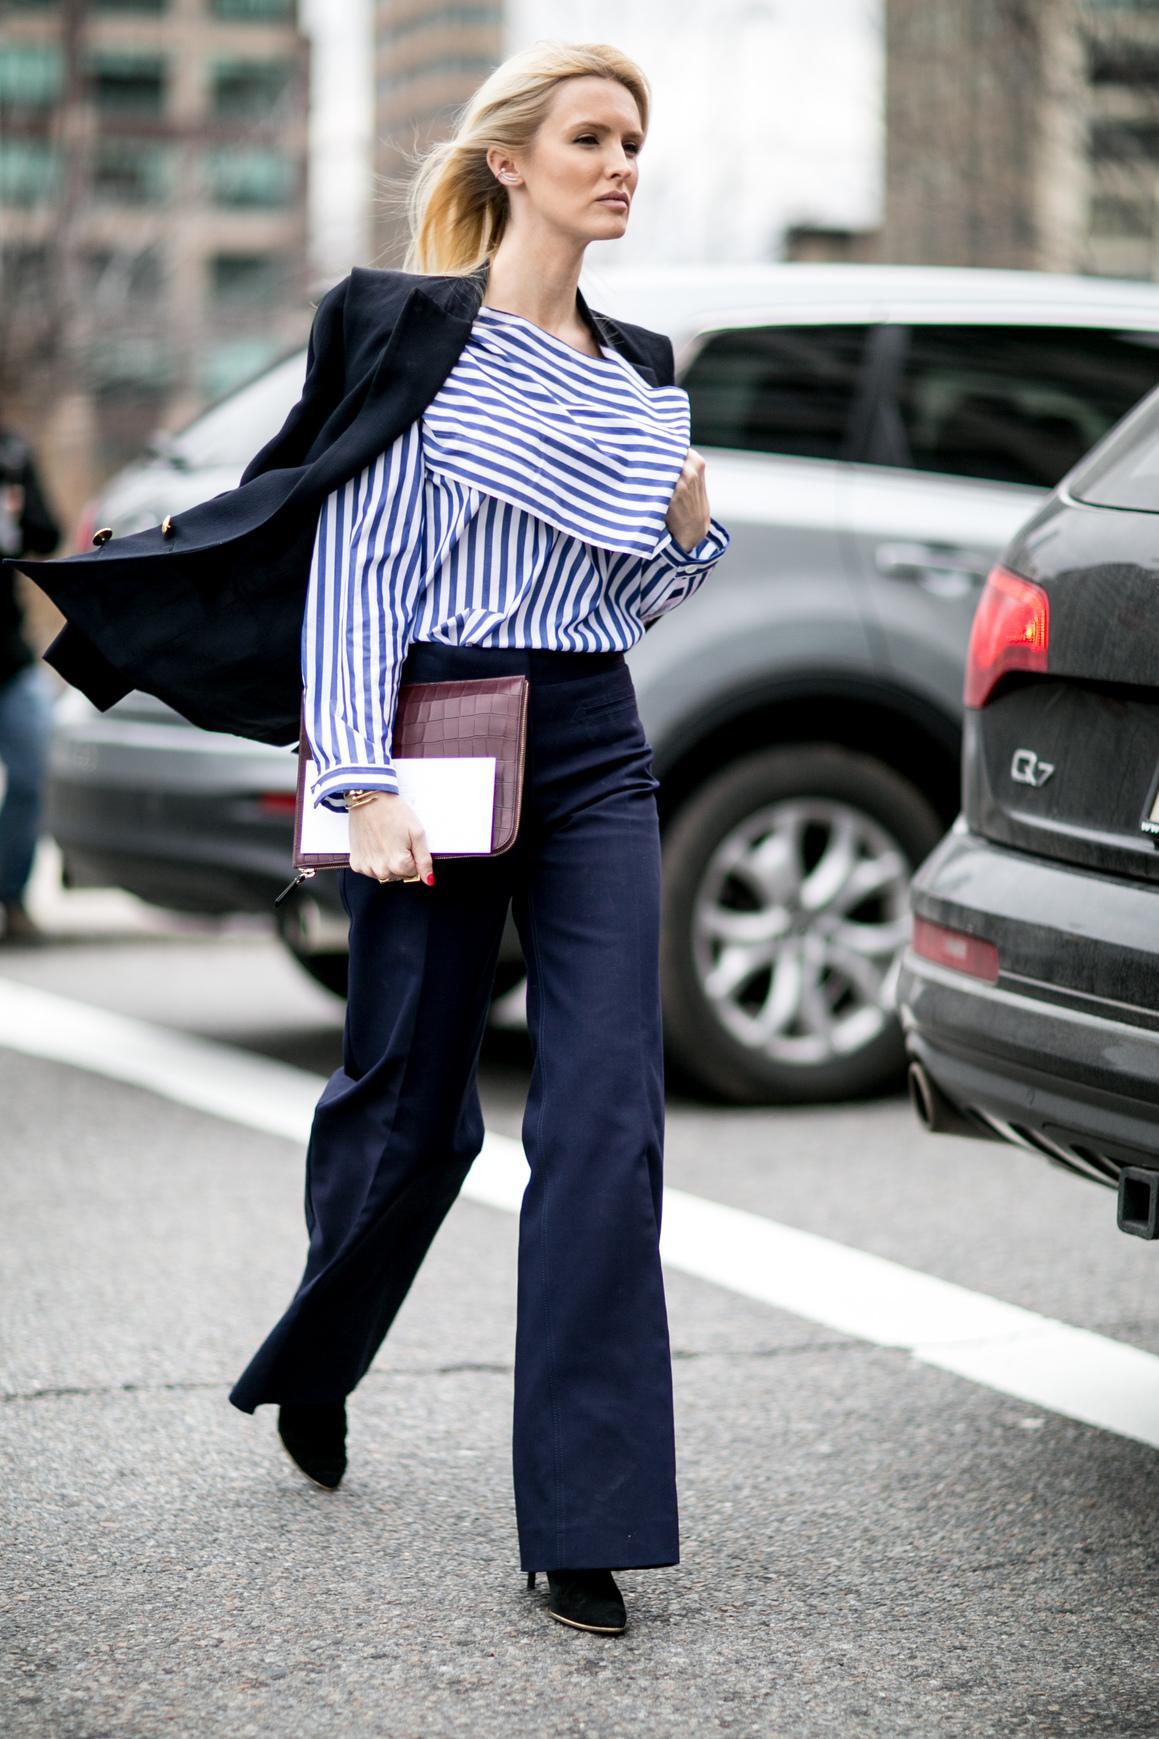 a20335d25ec Comment s habiller pour un déplacement professionnel   - Madame Figaro